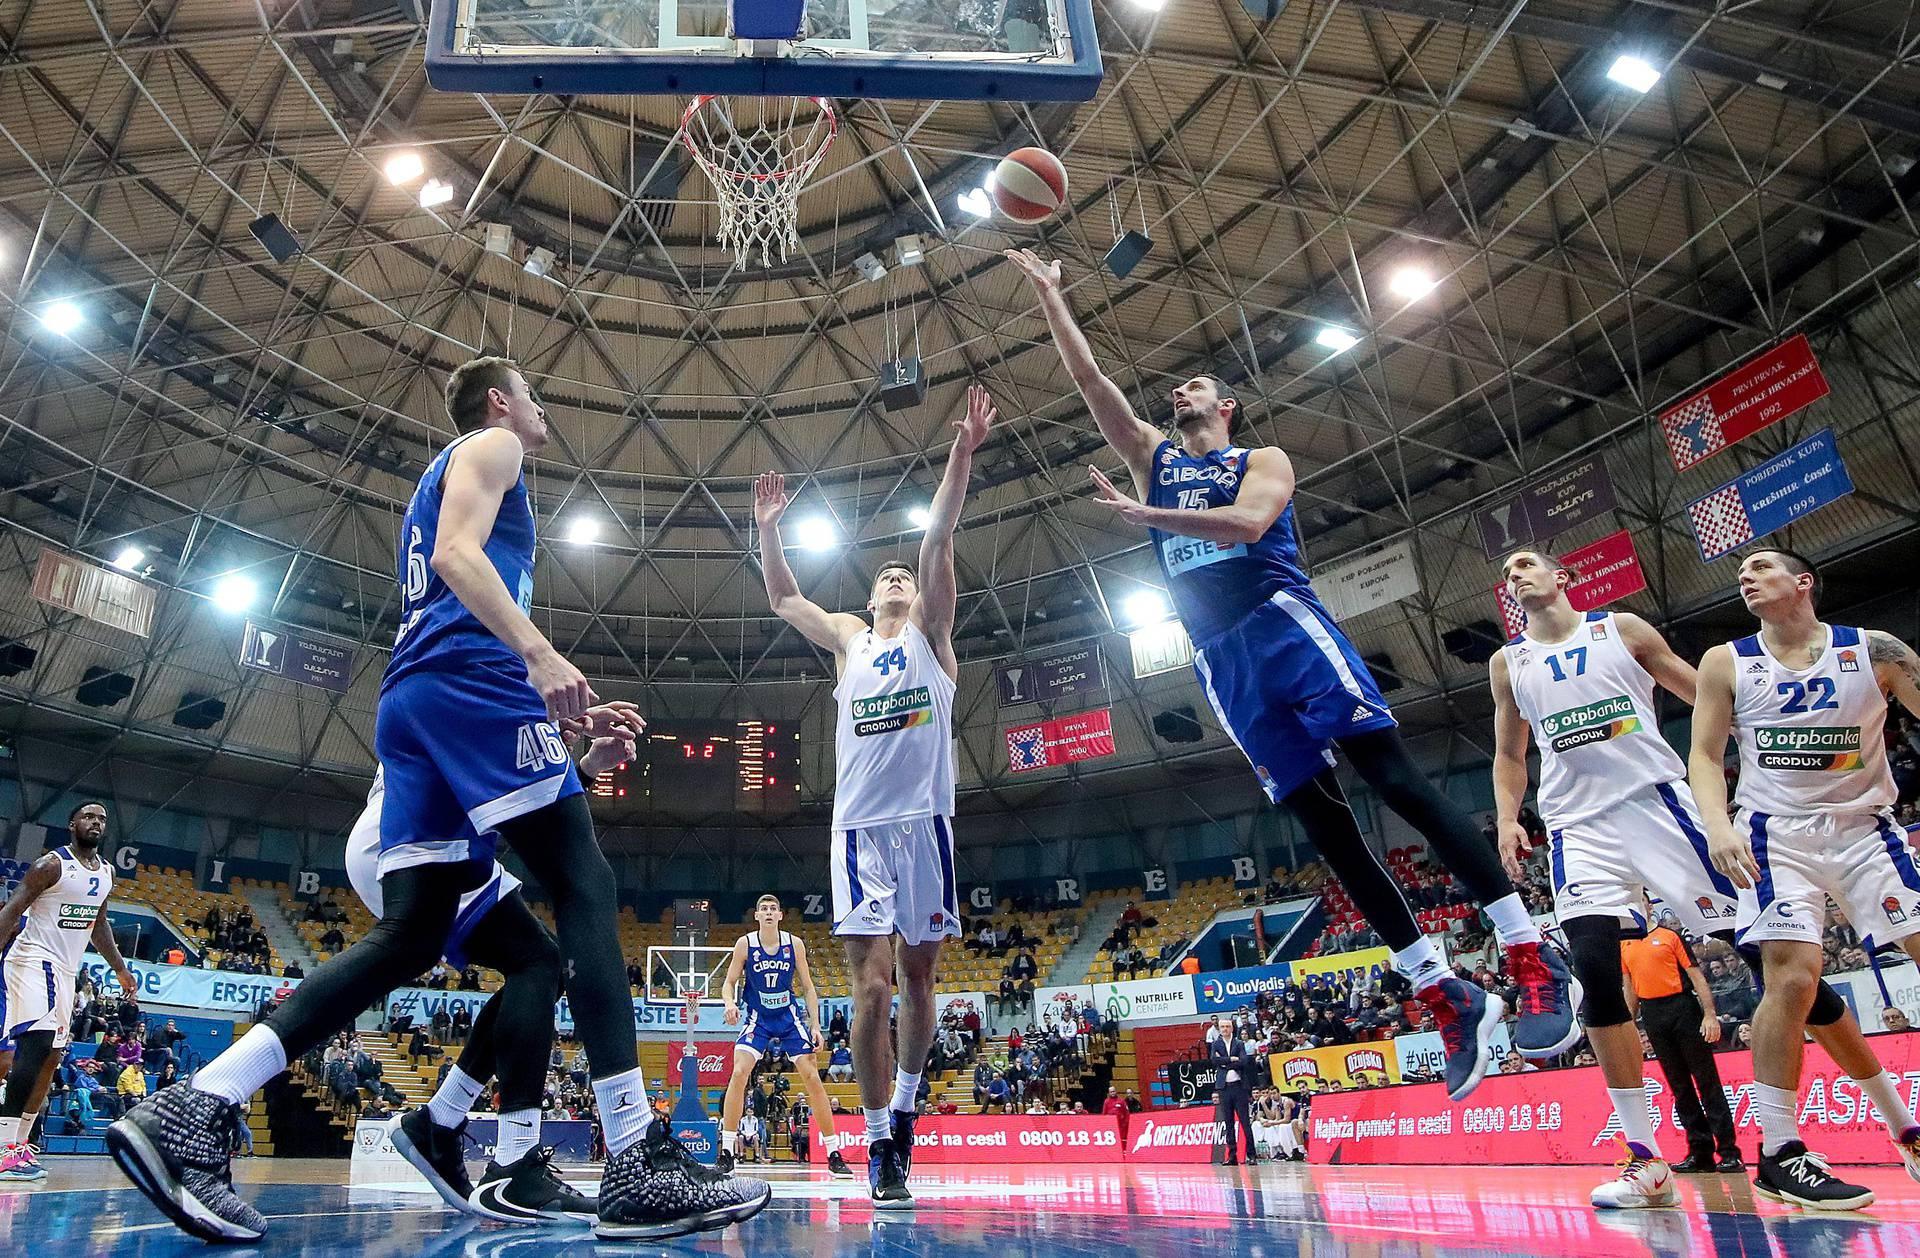 ABA liga: Cibona, Split i Zadar su unutra, Gorica je ABA 2 rang